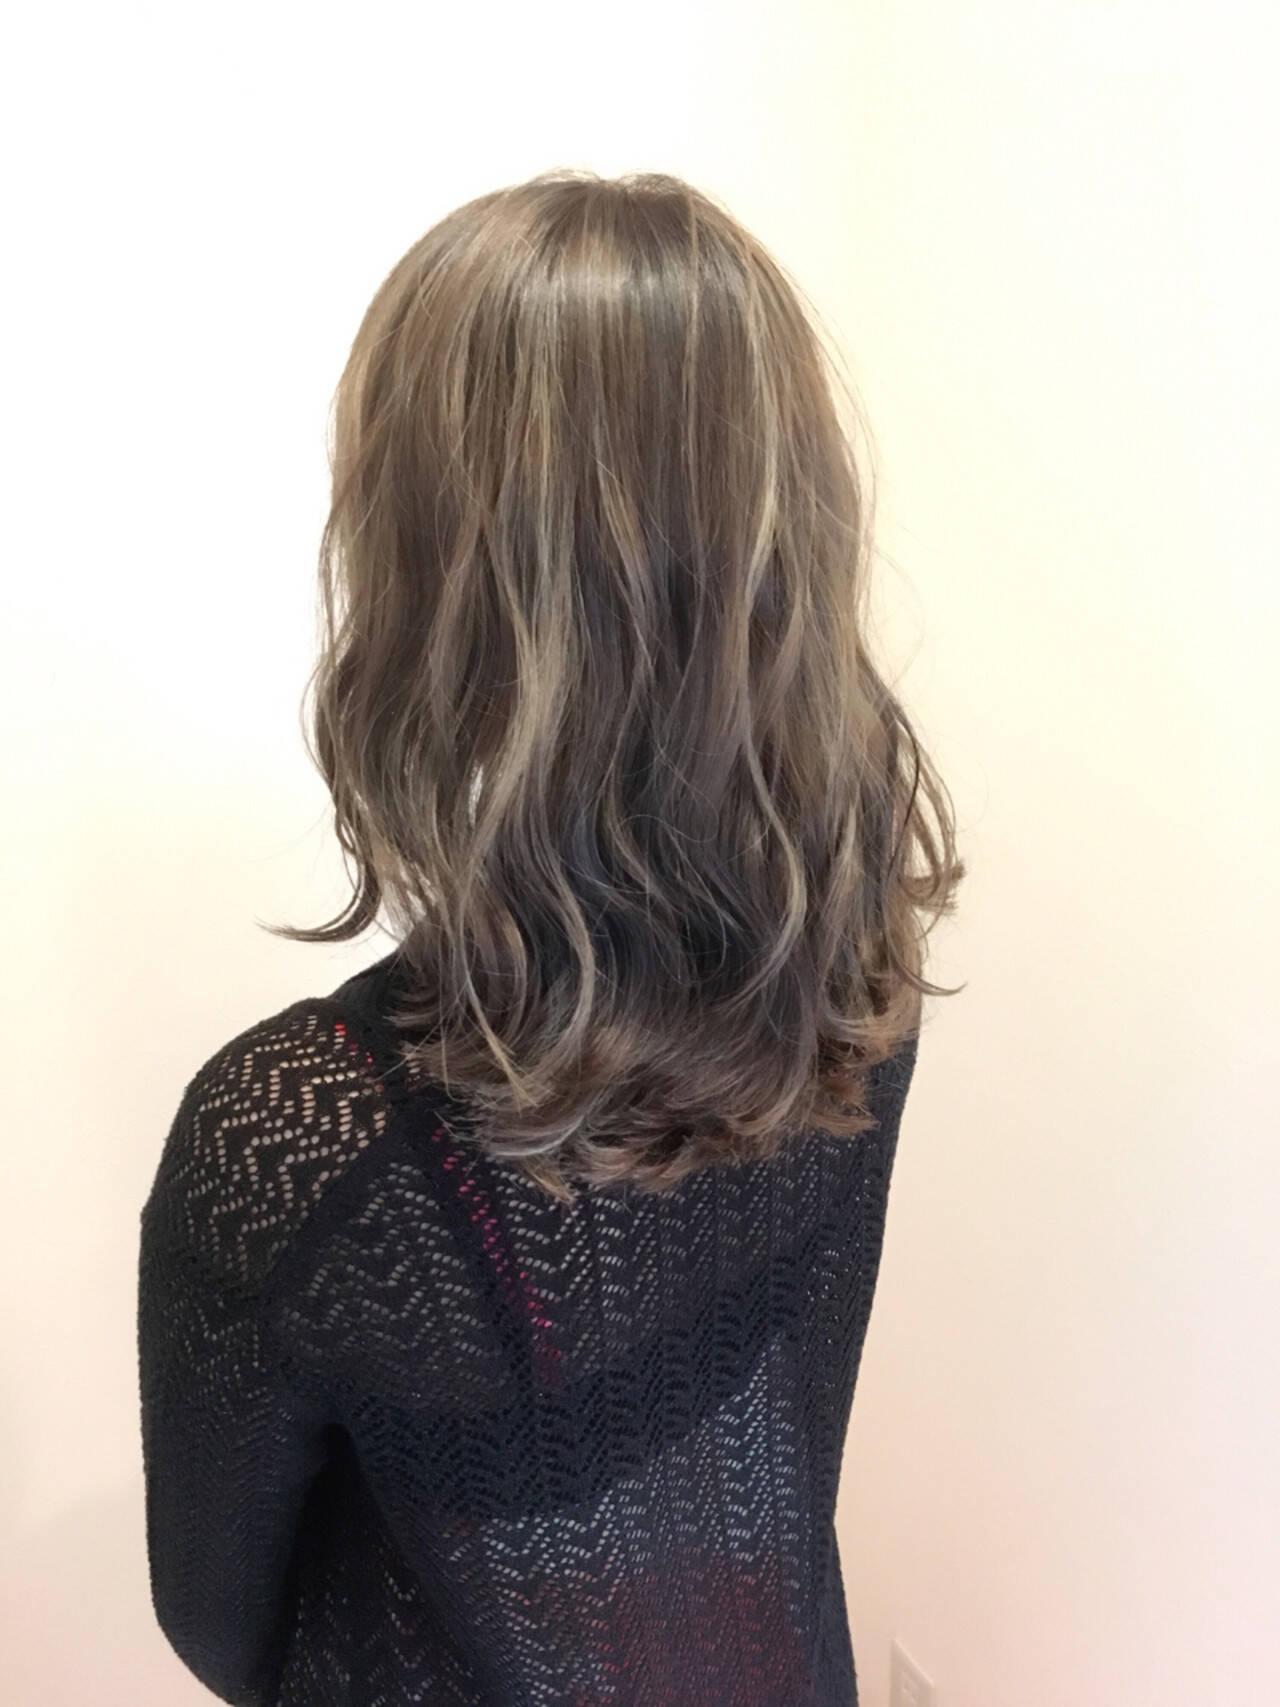 外国人風カラー 透明感 セミロング 波ウェーブヘアスタイルや髪型の写真・画像